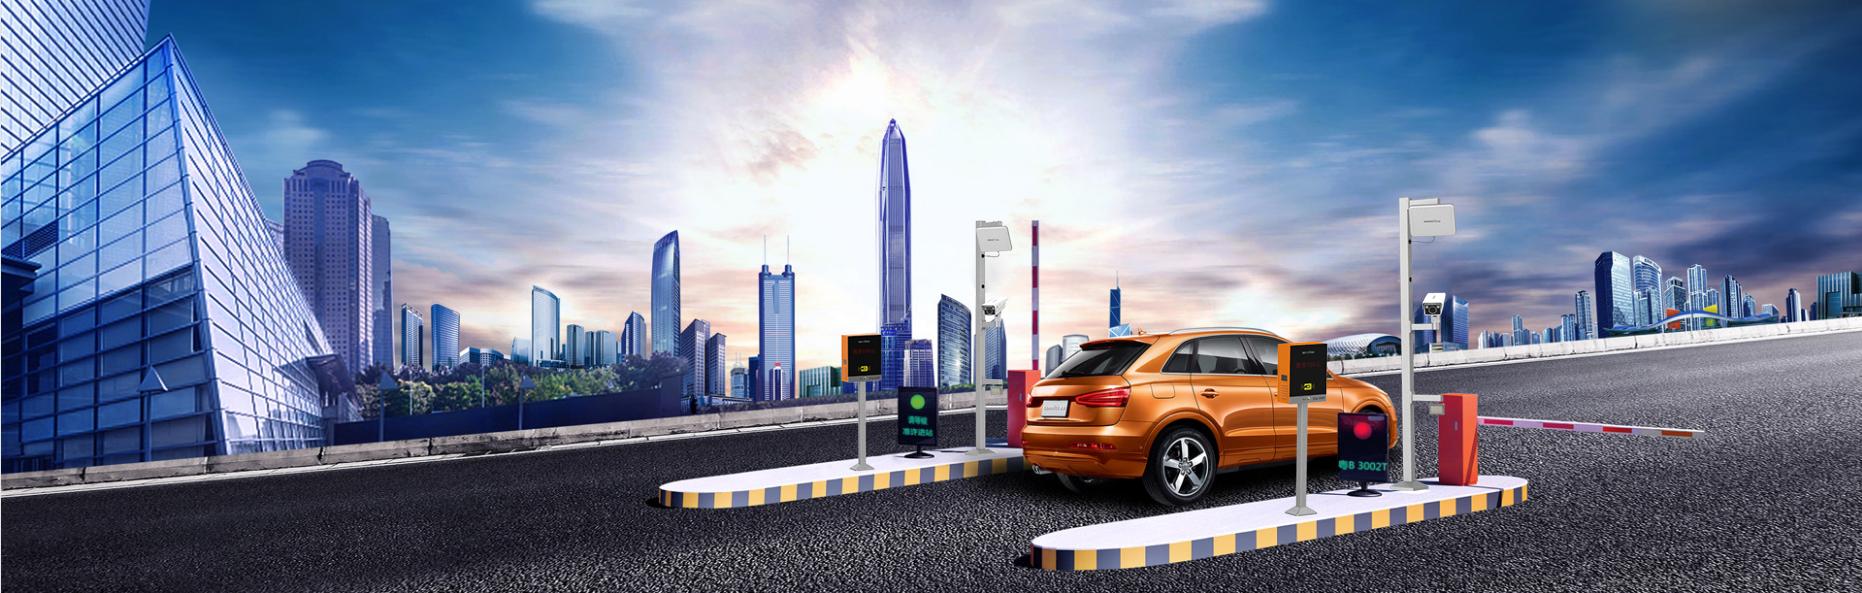 伟龙金溢叶青:ETC停车的未来